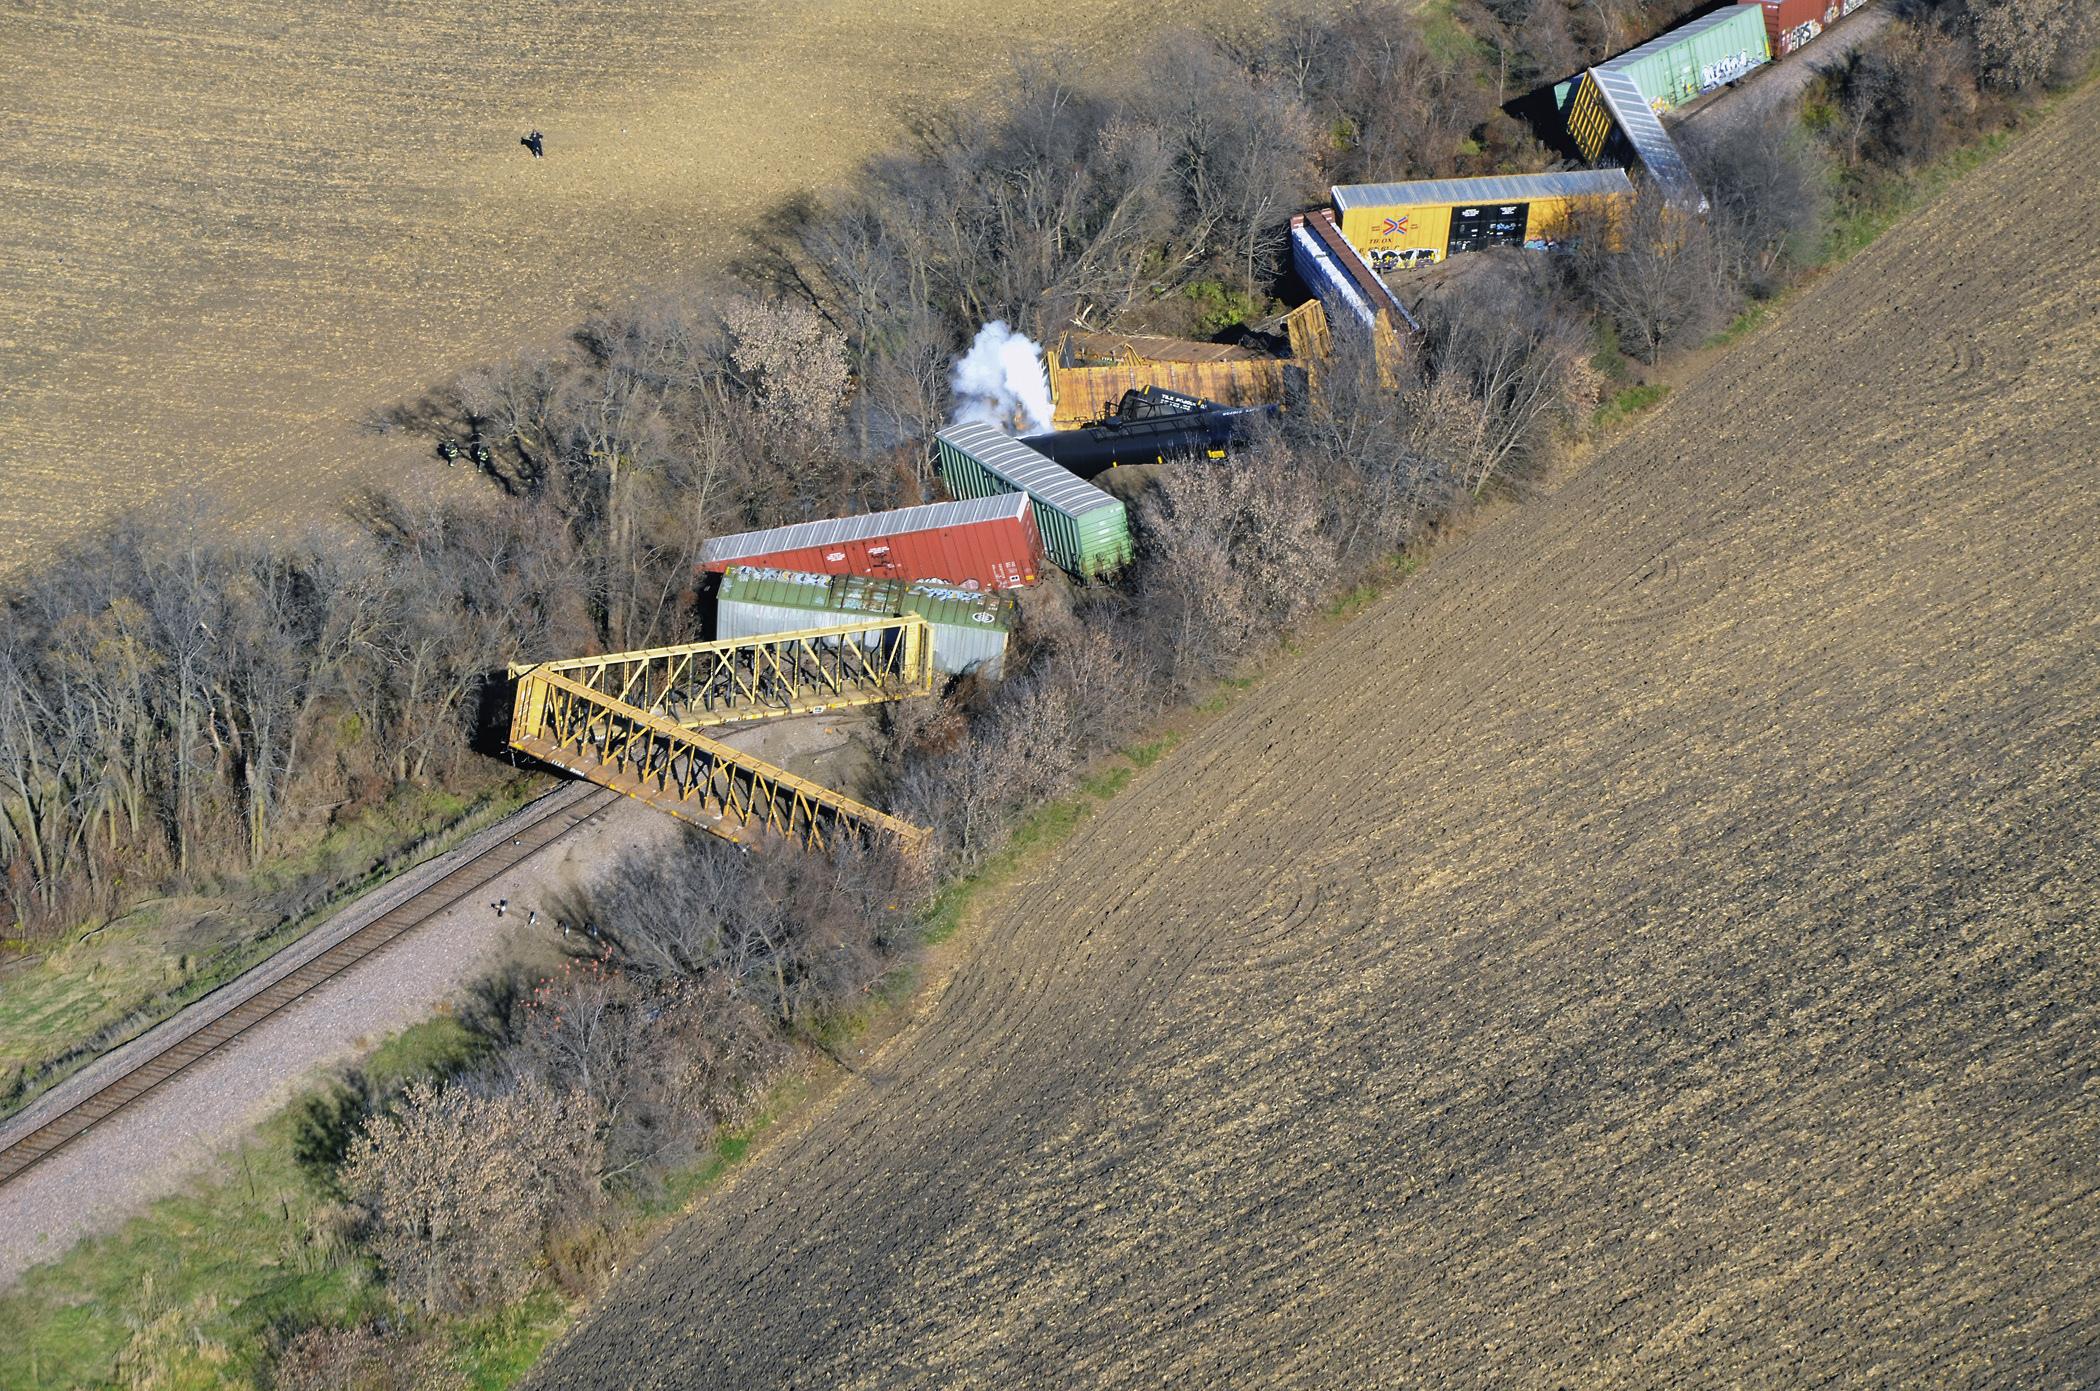 Train Derailment, Spill Prompts Evacuations in Minnesota